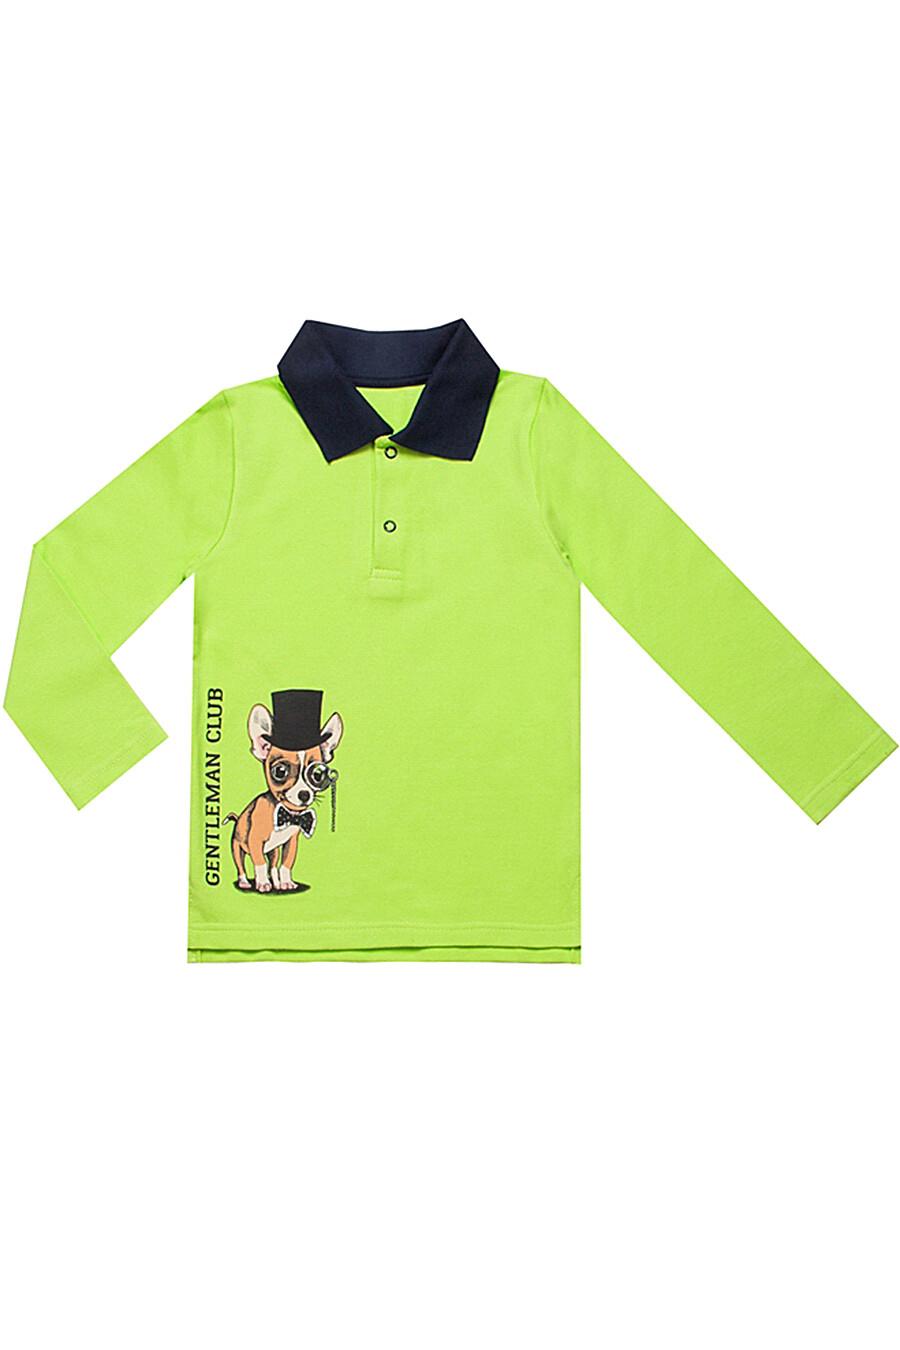 Джемпер для мальчиков АПРЕЛЬ 700214 купить оптом от производителя. Совместная покупка детской одежды в OptMoyo